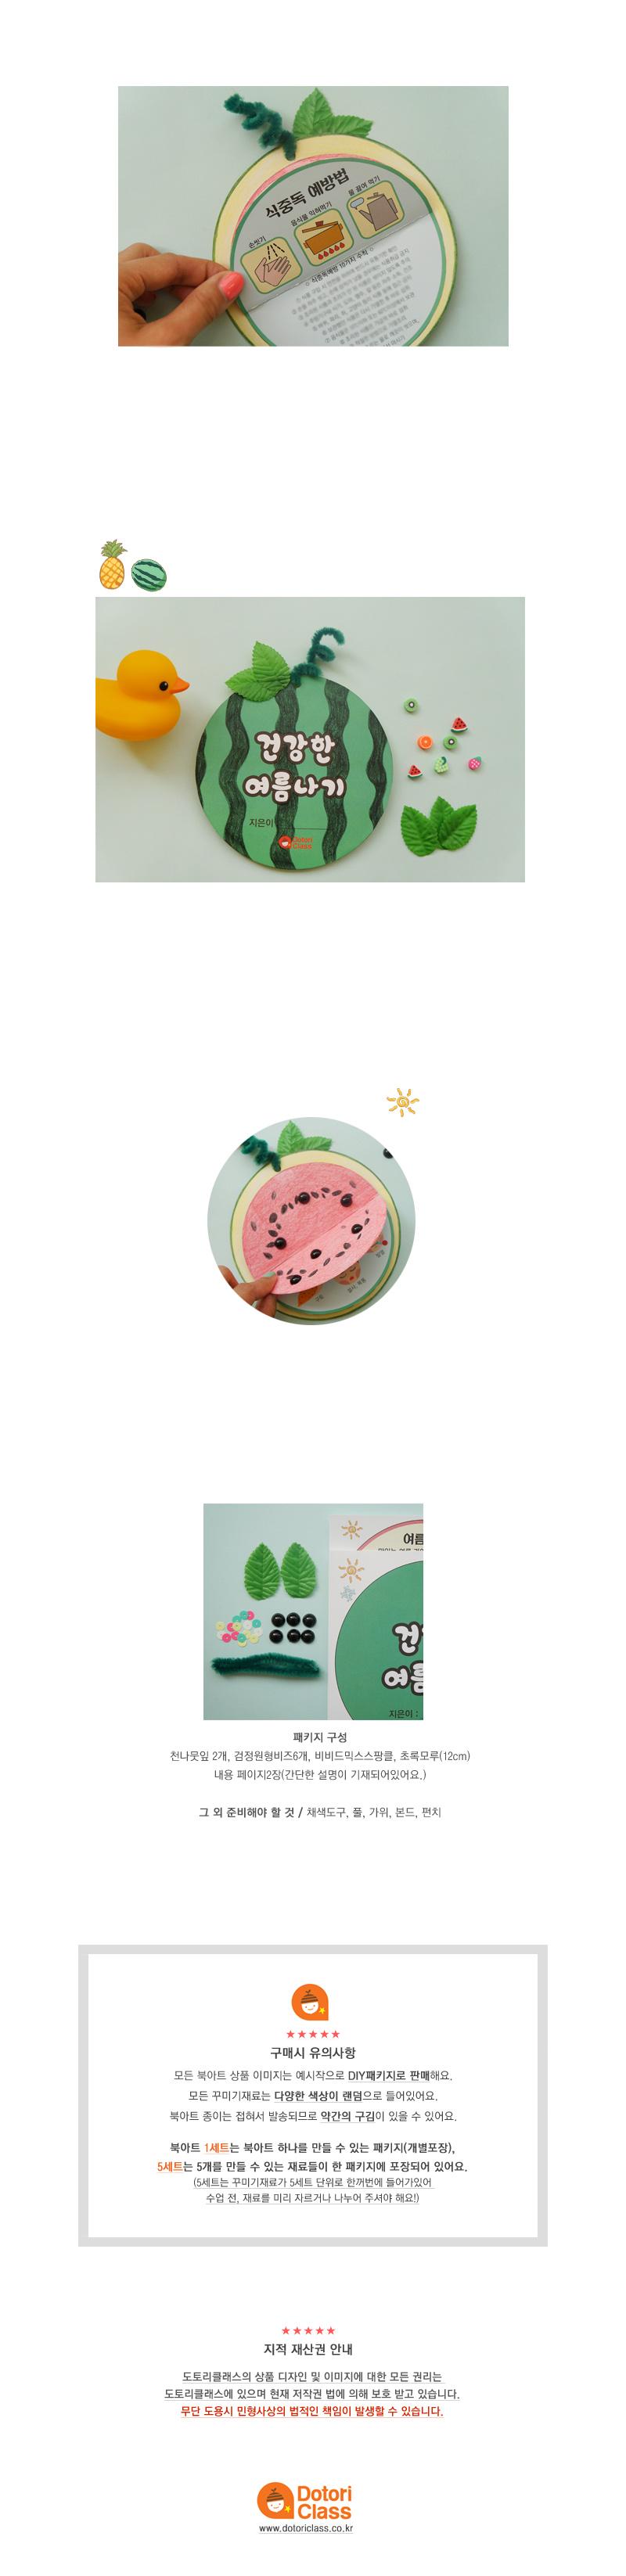 건강한 여름나기 - 도토리클래스, 3,500원, 종이공예/북아트, 북아트 패키지